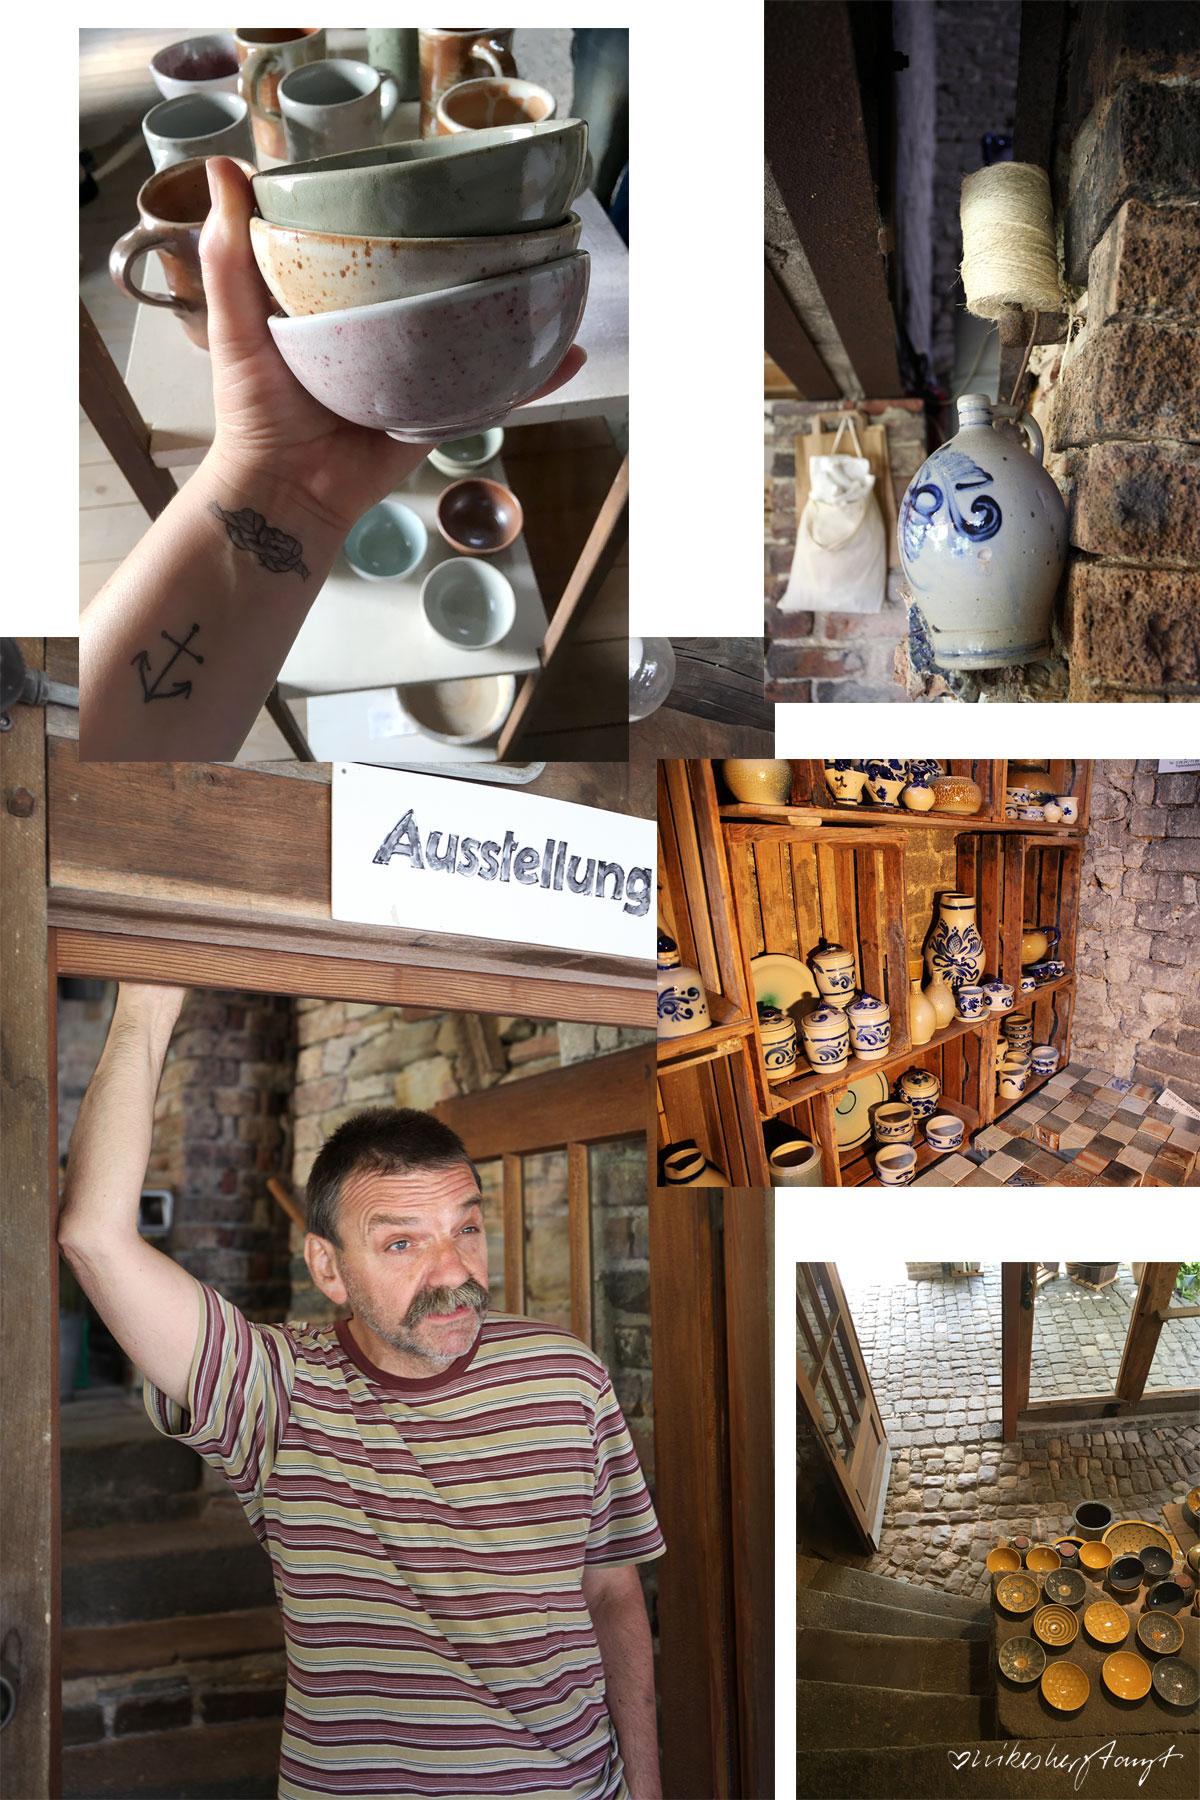 #visitkeramik - keramik im kannenbäckerland // nikesherztanzt, keramikwerkstatt, böhmer, höhr-grenzhausen, westerwald